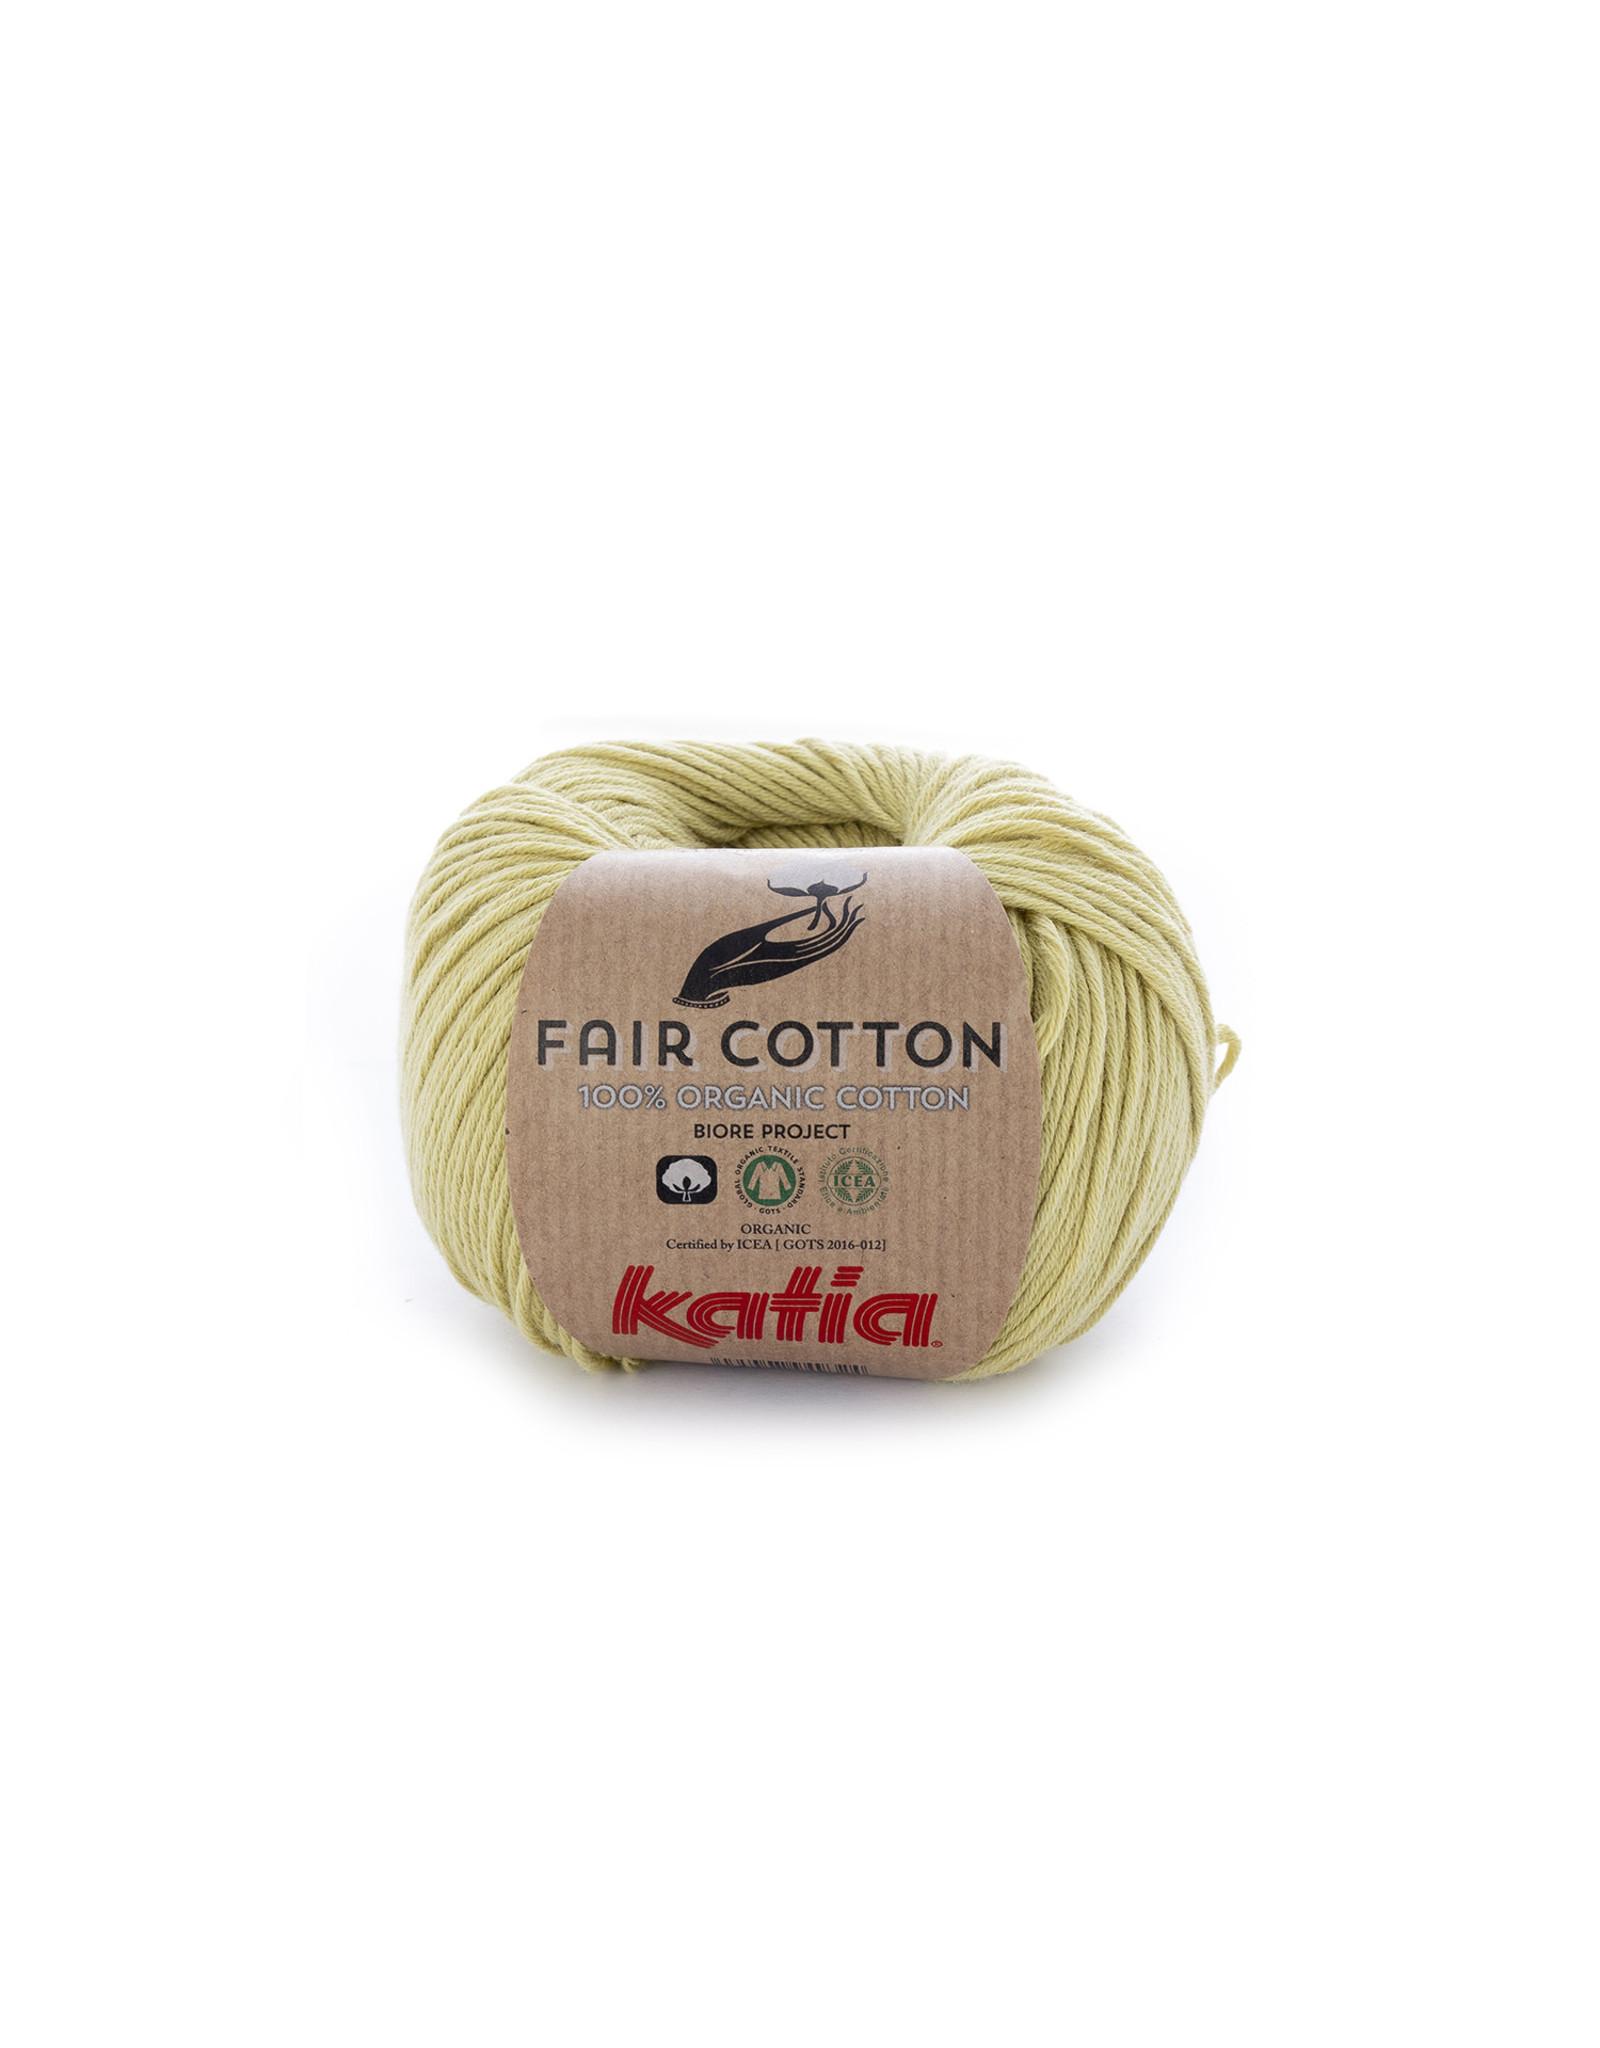 Katia Katia Fair Cotton 34 - pistache - 50 gr. - 100% biol. katoen